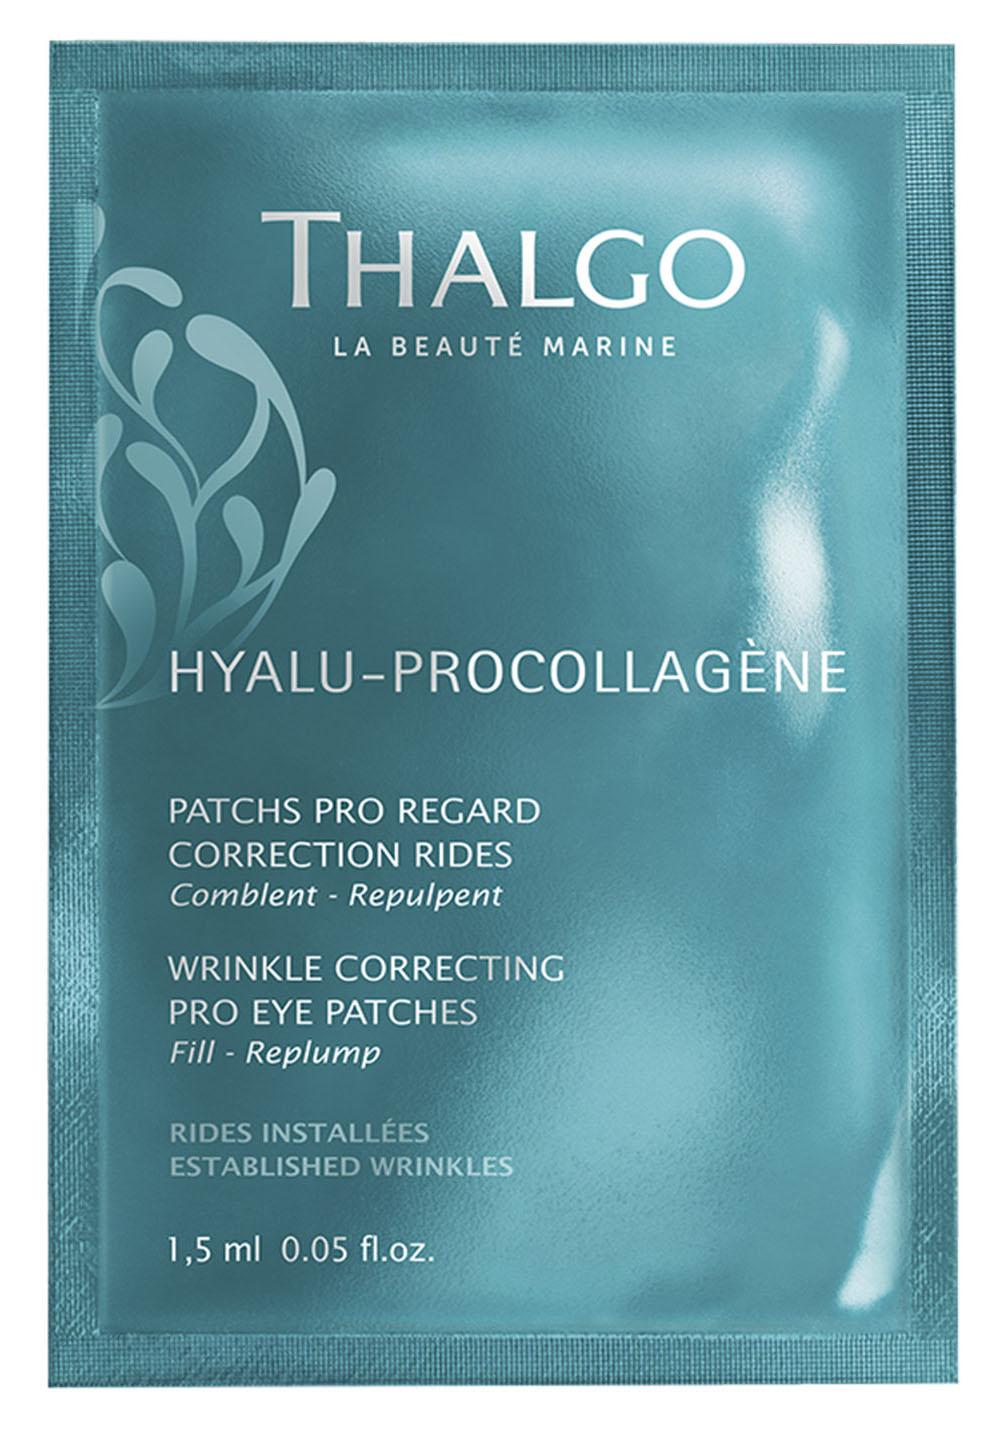 Купить Thalgo Разглаживающие морщины маски-патчи для кожи вокруг глаз 8 x 2 (Thalgo, Hyalu-procollagene), Франция